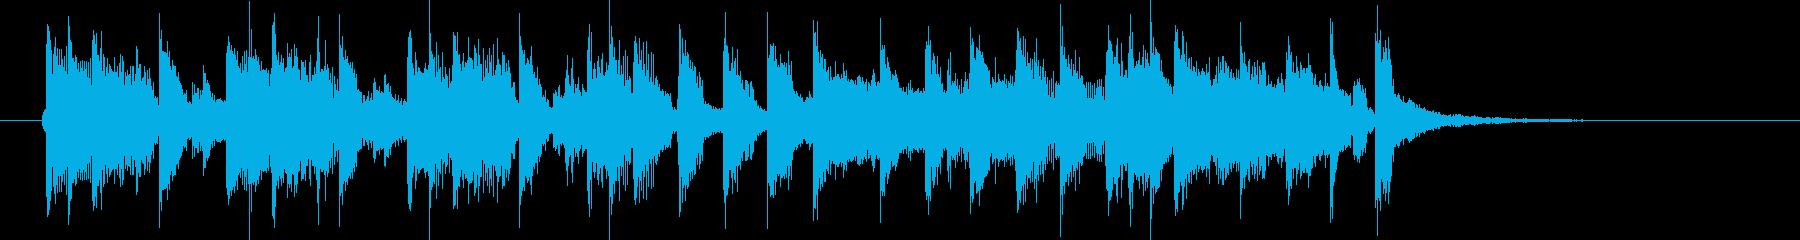 元気でキャッチ―なシンセポップジングルの再生済みの波形